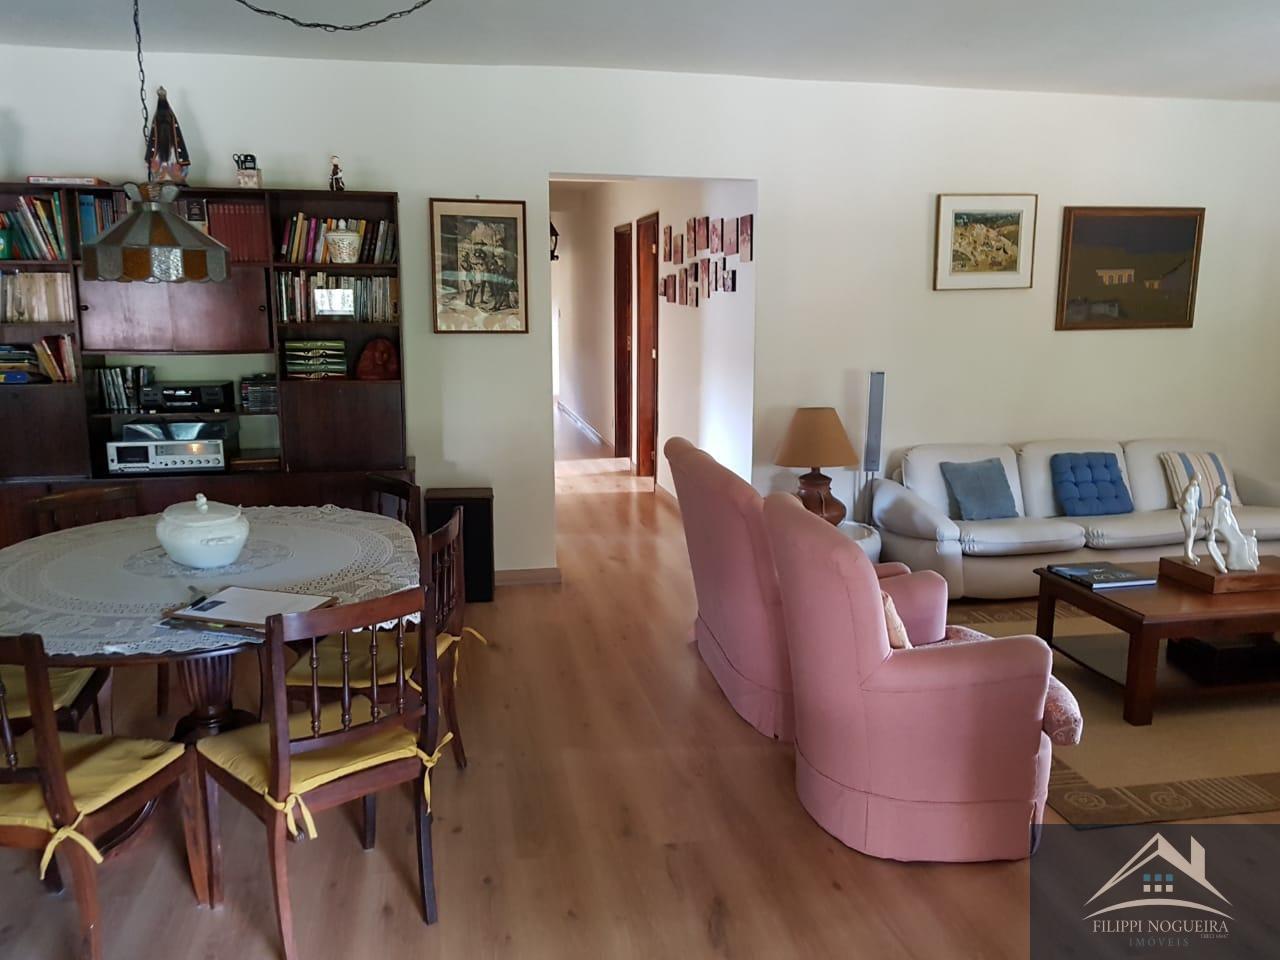 Excelente imóvel com 6 quartos e piscina na Vila Suissa. - csvl - 37